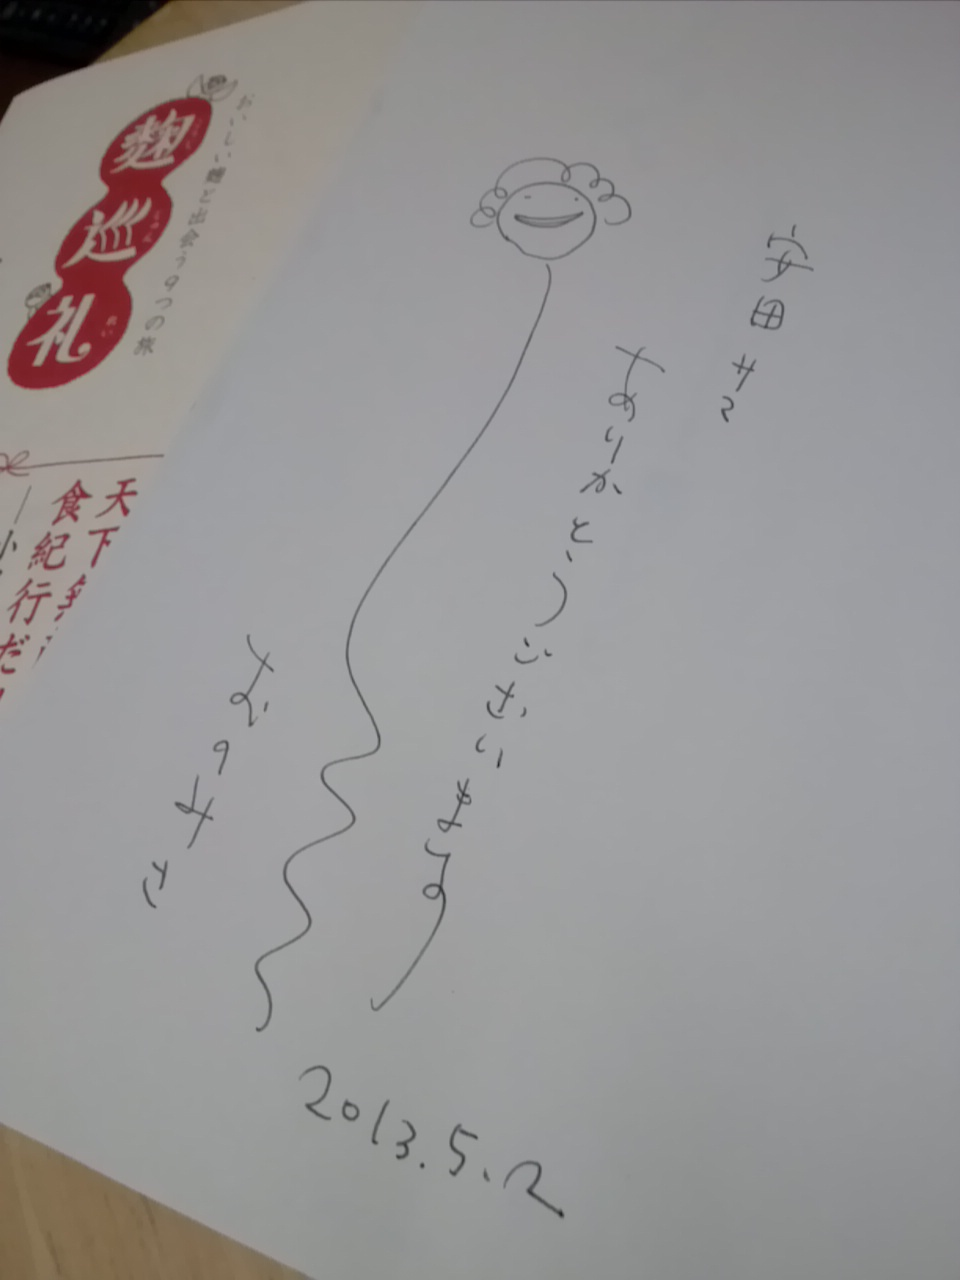 おのさん サイン